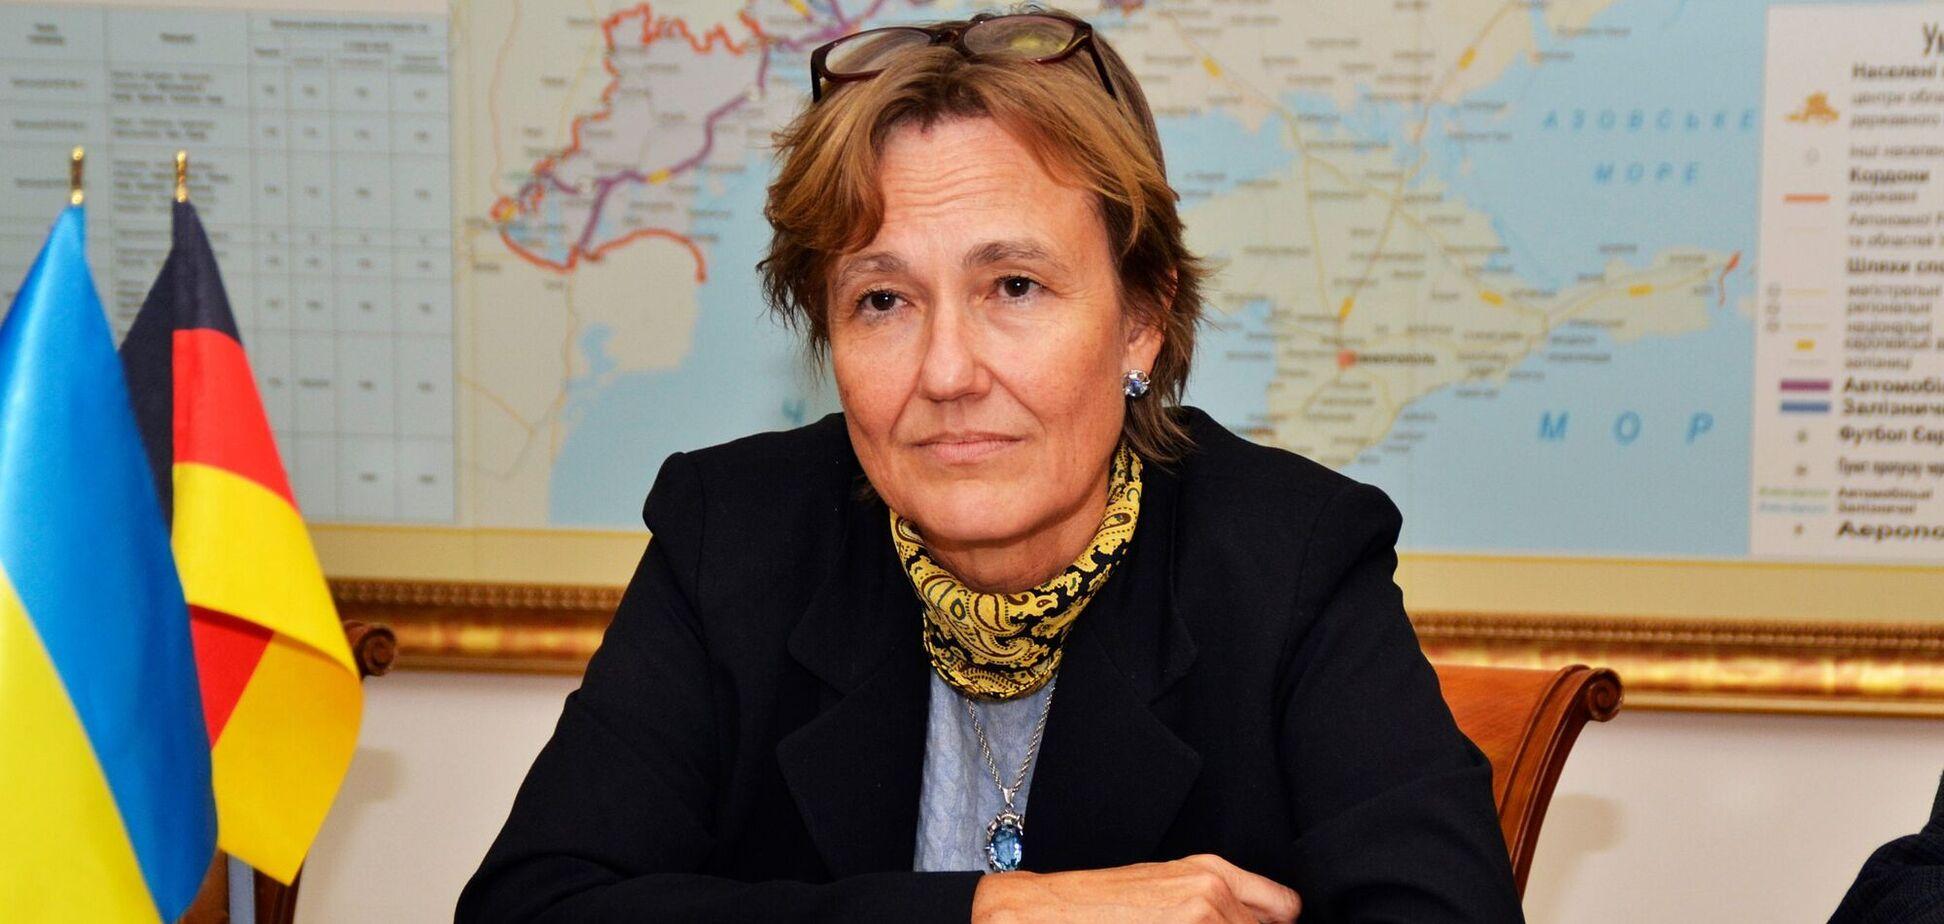 Анка Фельдгузен выразила свое мнение о Будапештском меморандуме